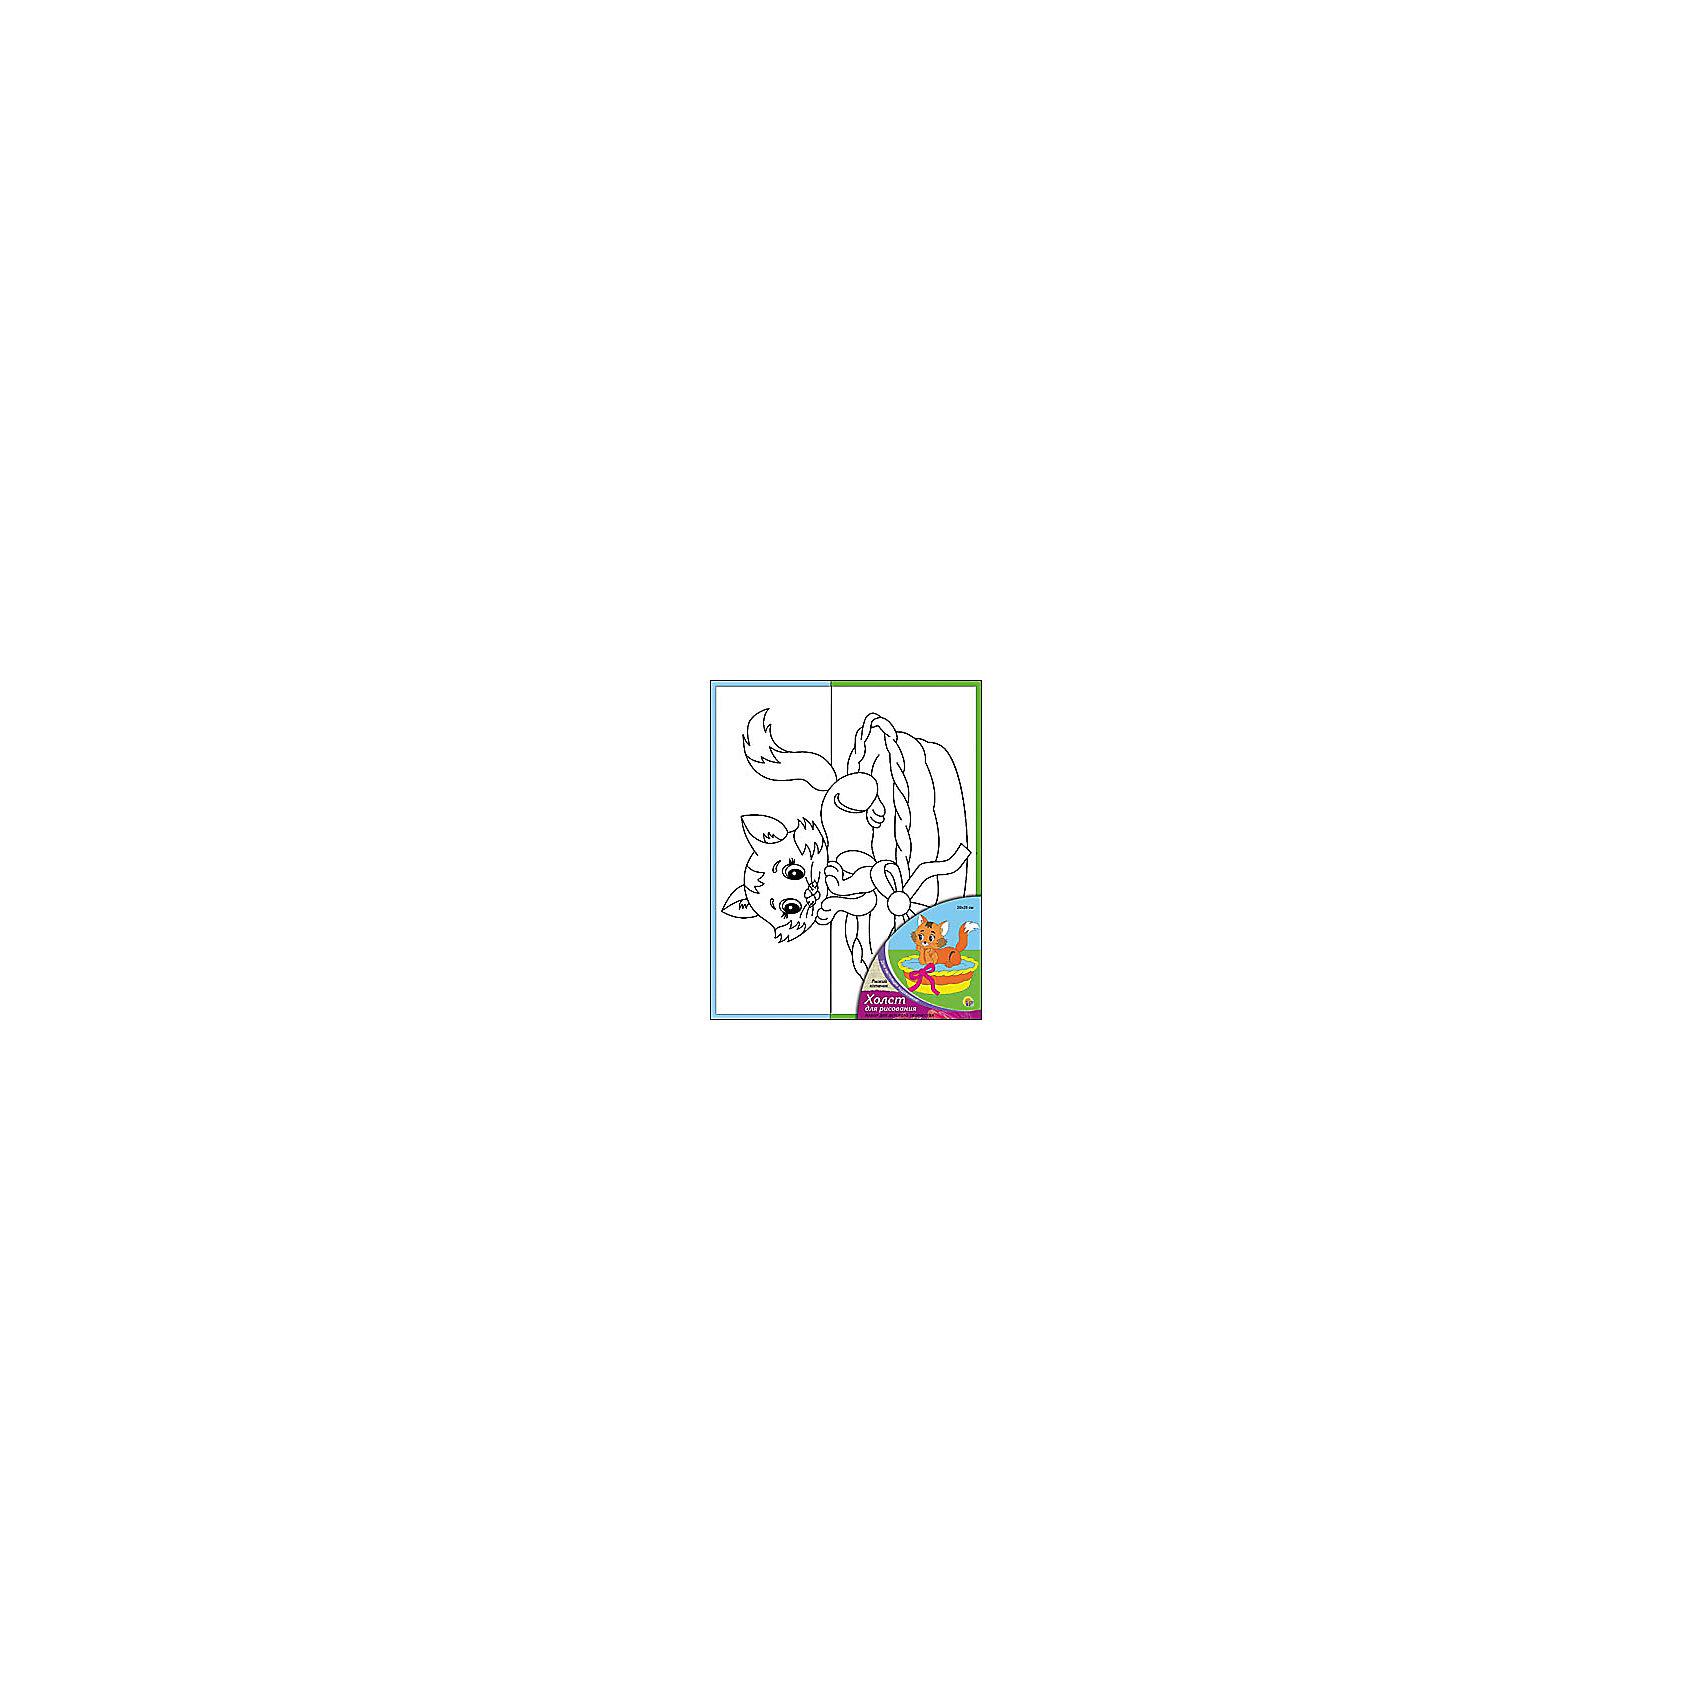 Холст с красками Рыжий котенок, 20х25 смРисование<br>Холст с красками Рыжий котенок - прекрасный подарок детям, которые любят рисовать. В наборе вы найдете всё, что нужно для детского творчества: холст с эскизом, яркие краски и кисточка. Готовую картинку можно подарить друзьям или украсить свою комнату!<br><br>Дополнительная информация:<br>В наборе: холст-эскиз, 7 акриловых красок, кисточка<br>Размер: 20х1,5х25 см<br>Вес: 210 грамм<br>Холст с красками Рыжий котенок можно купить в нашем интернет-магазине.<br><br>Ширина мм: 250<br>Глубина мм: 15<br>Высота мм: 200<br>Вес г: 210<br>Возраст от месяцев: 36<br>Возраст до месяцев: 120<br>Пол: Унисекс<br>Возраст: Детский<br>SKU: 4939521